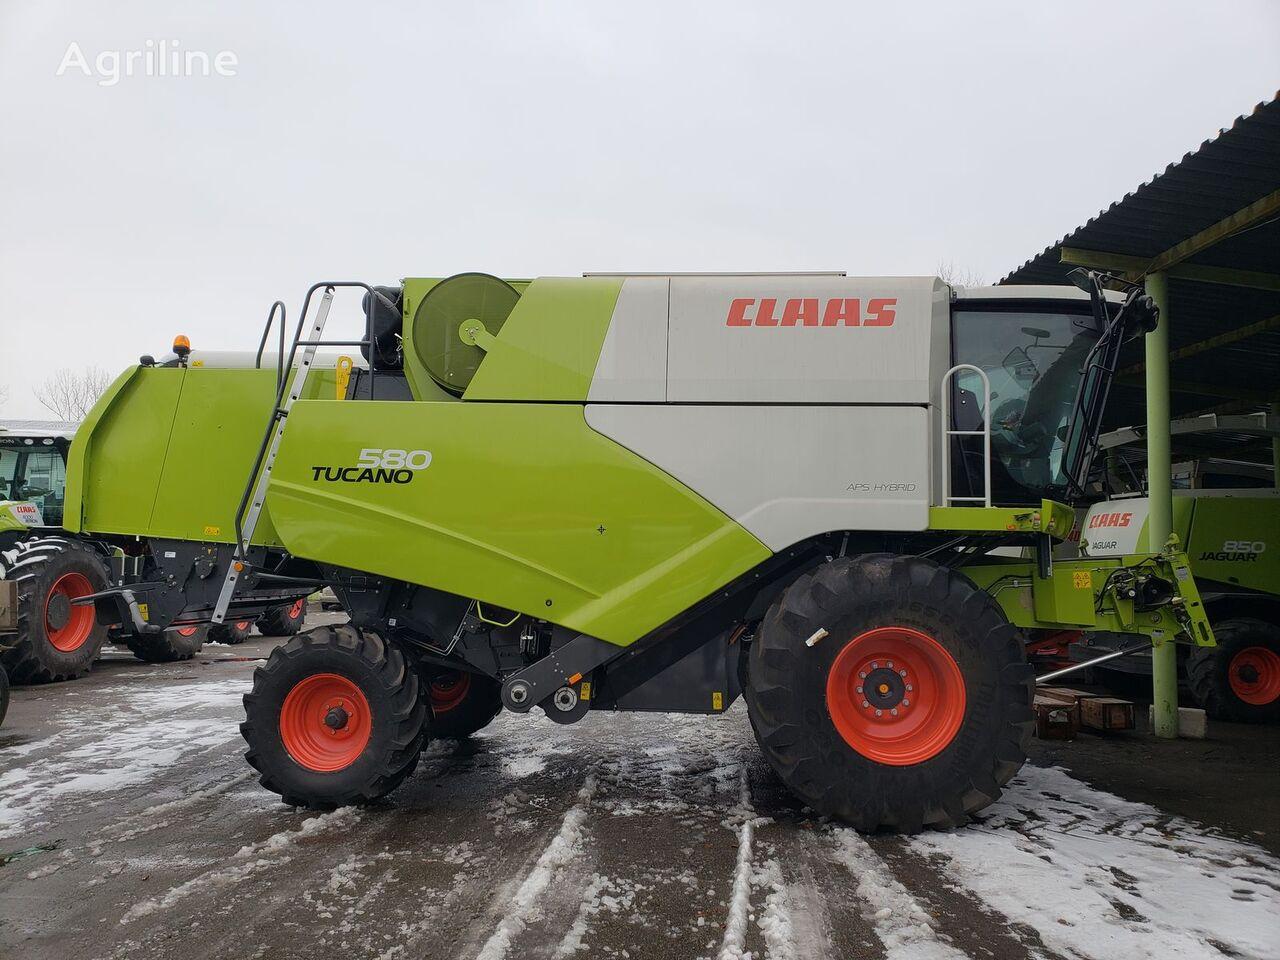 nieuw CLAAS TUCANO 580 maaidorser